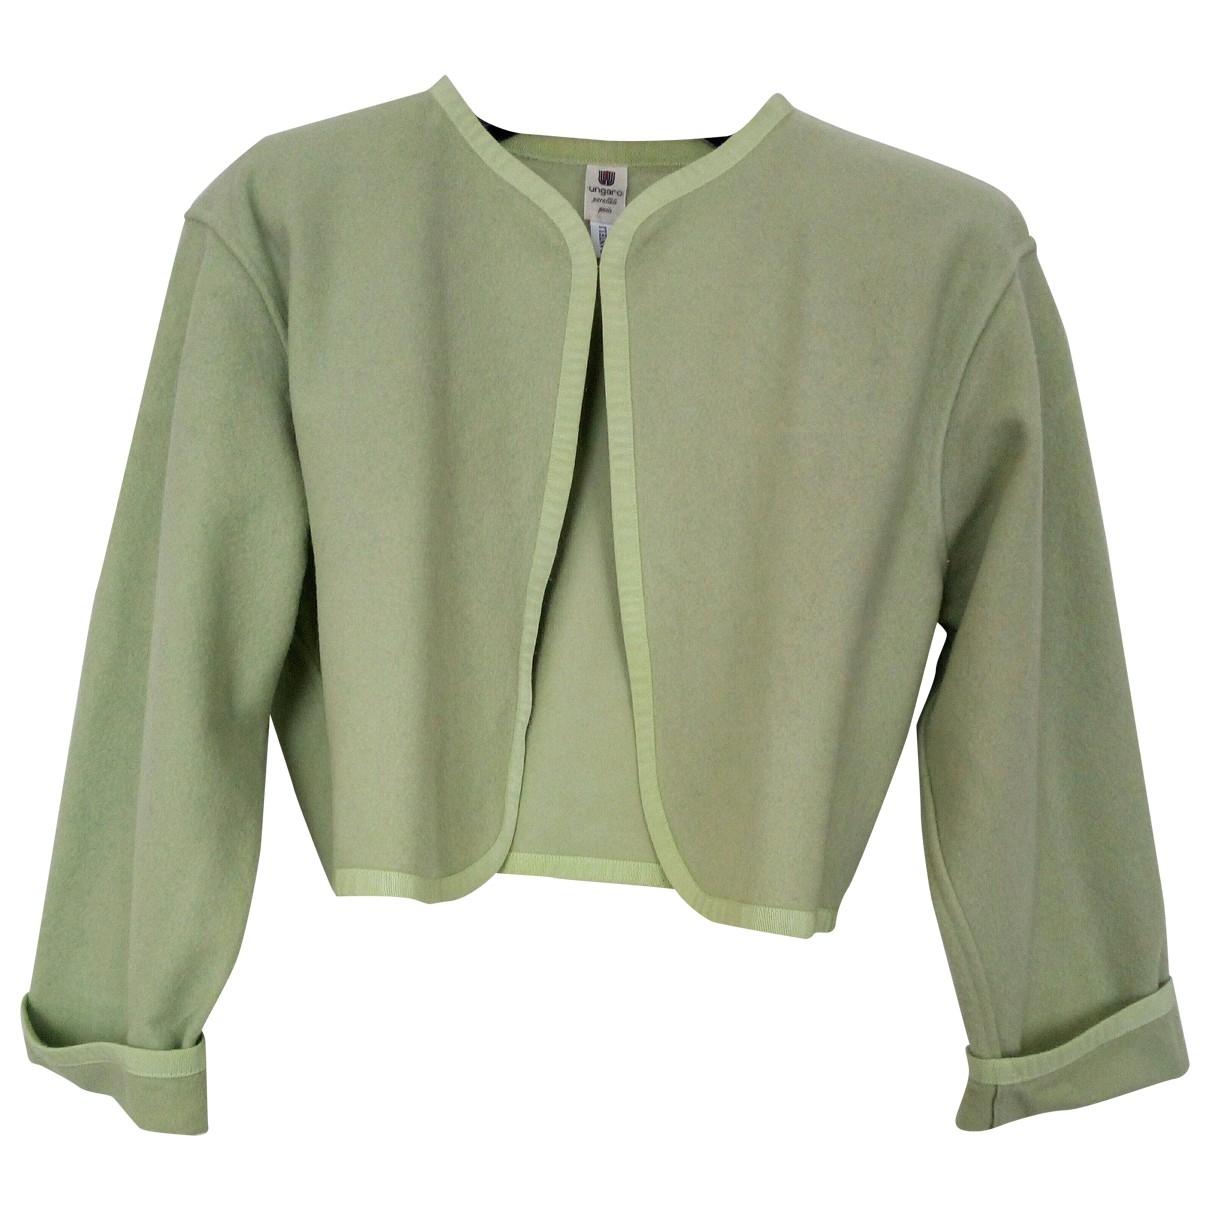 Ungaro Parallele \N Green Wool jacket for Women XS International